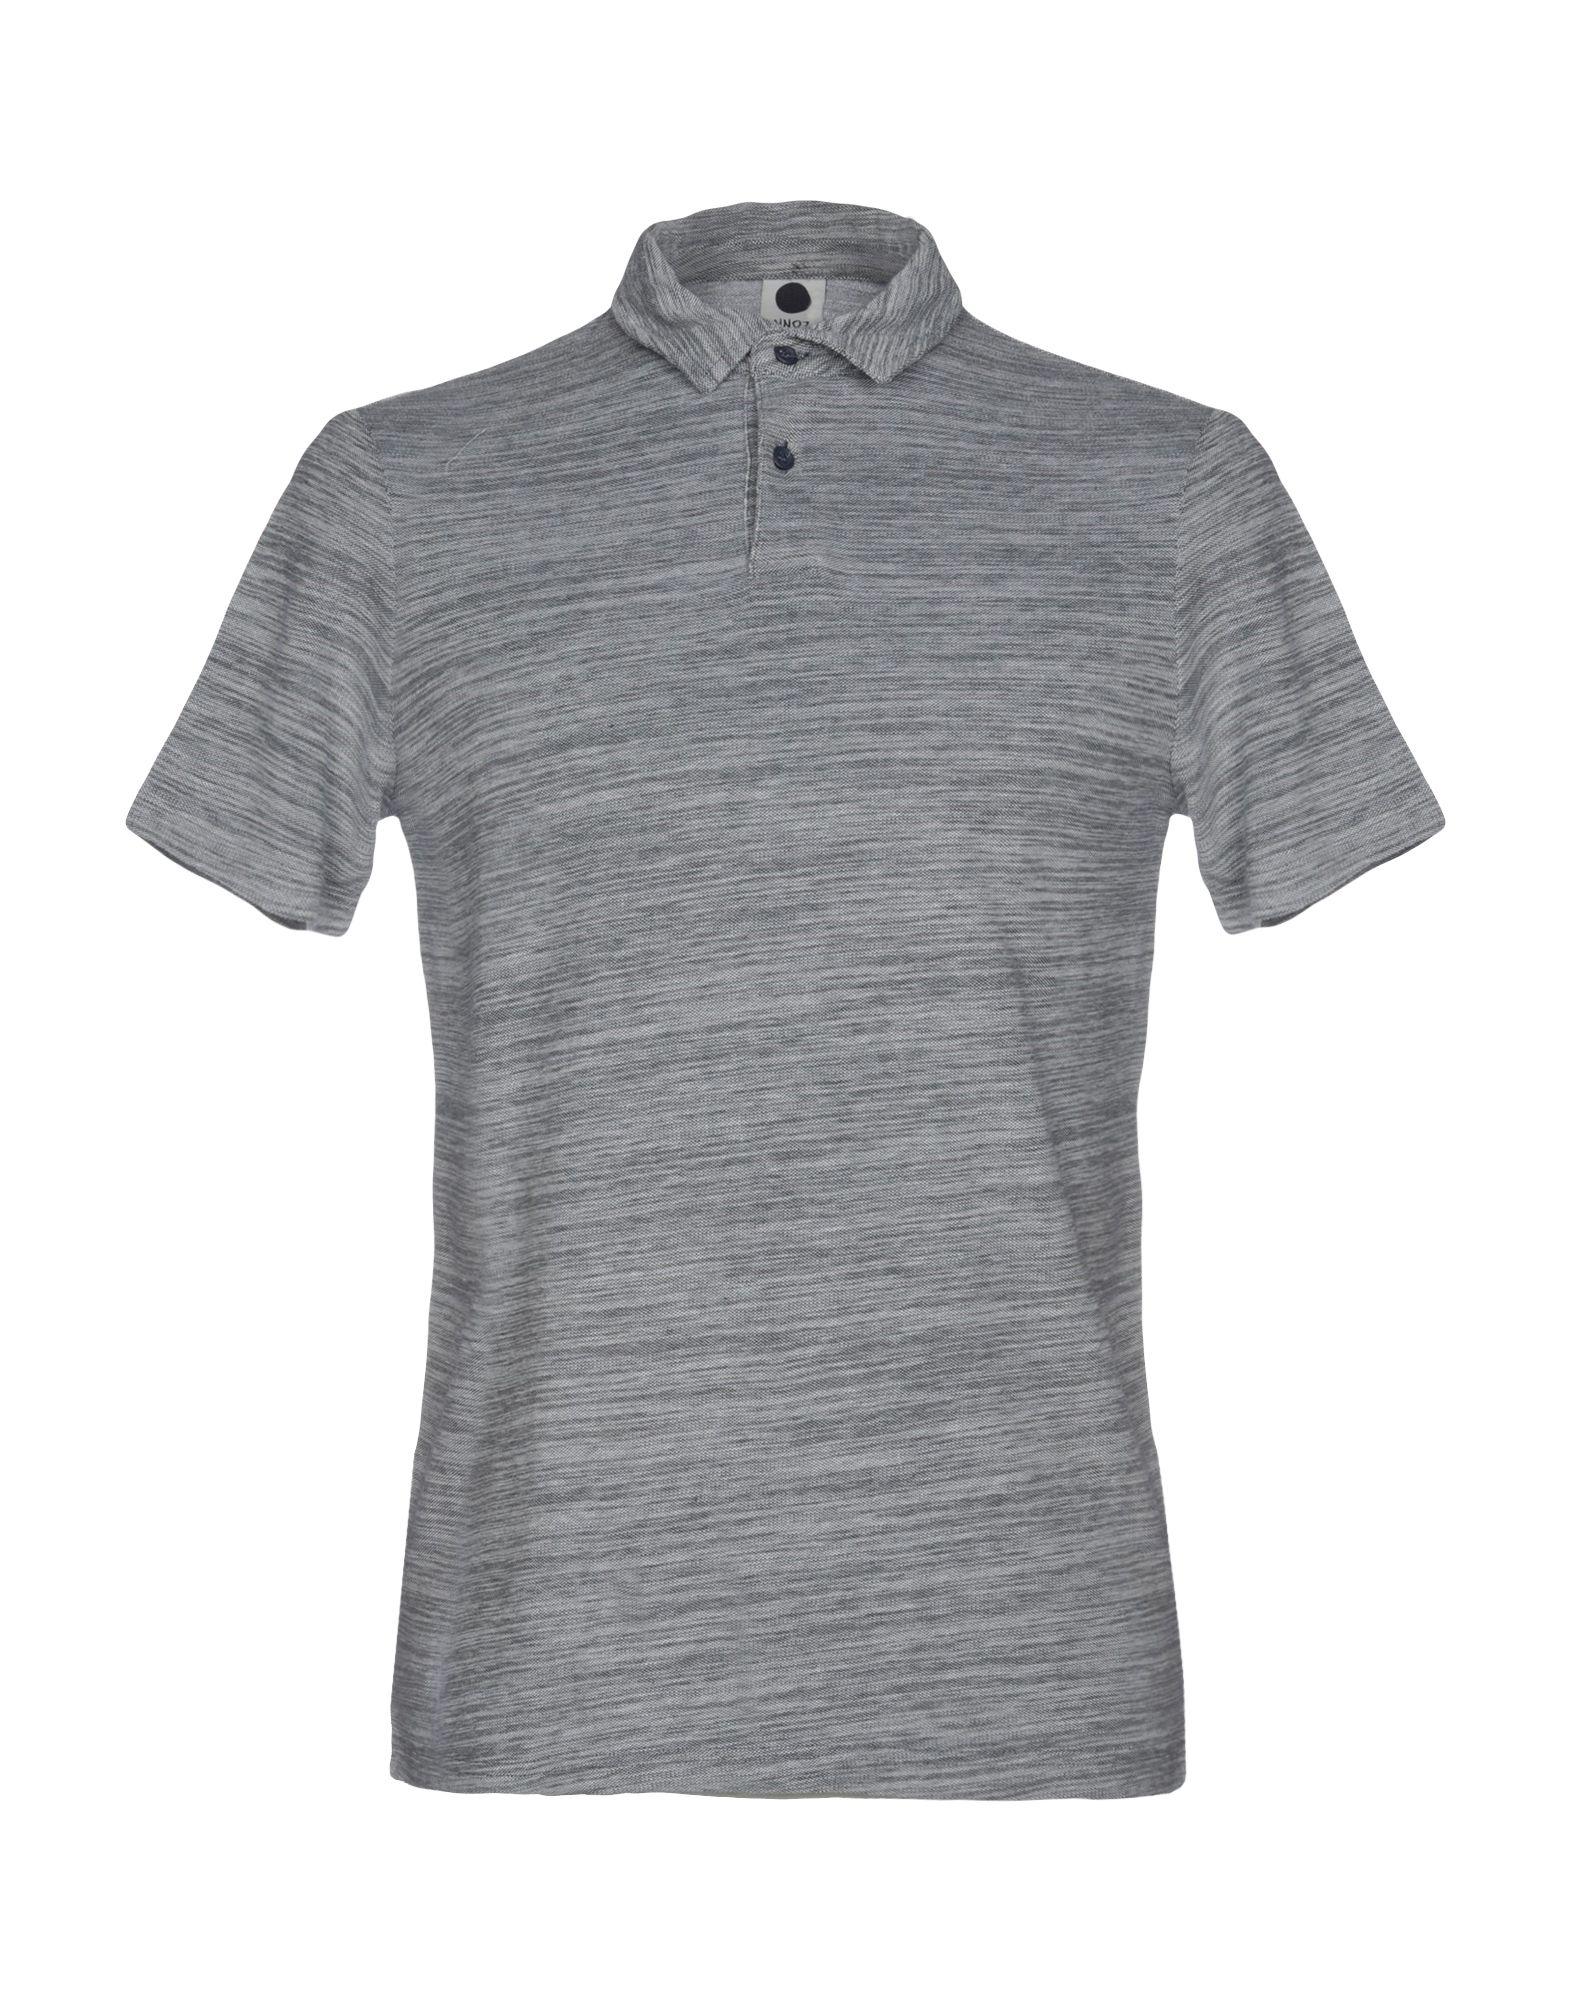 《送料無料》NN07 メンズ ポロシャツ ブルーグレー S コットン 100%